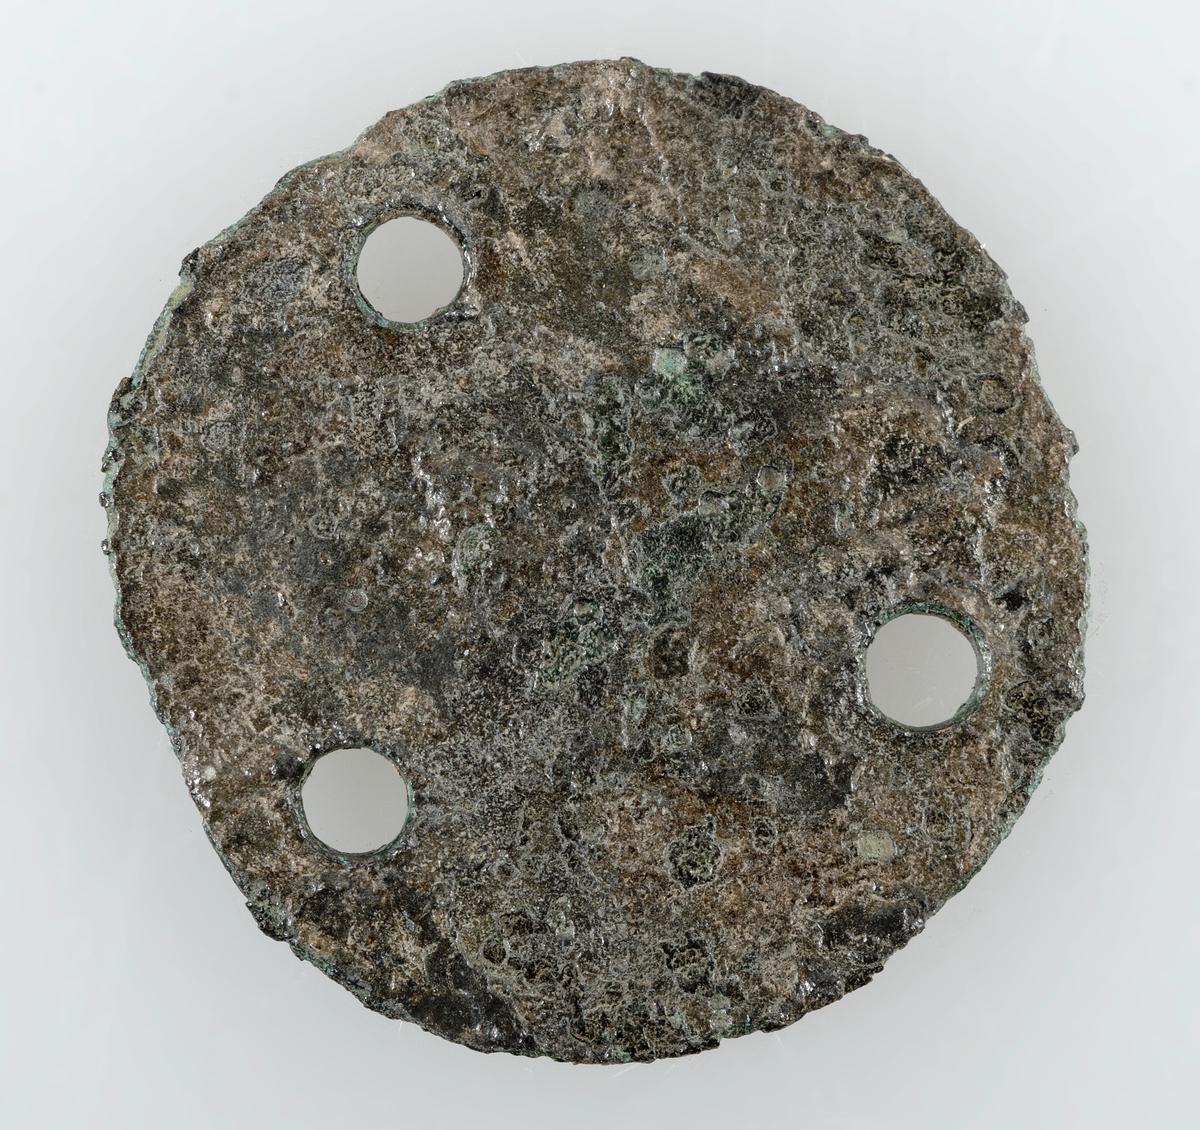 Runt myntliknande föremål av silver. Ej mynt. Med 3 hål. Möjligen en räknepenning.